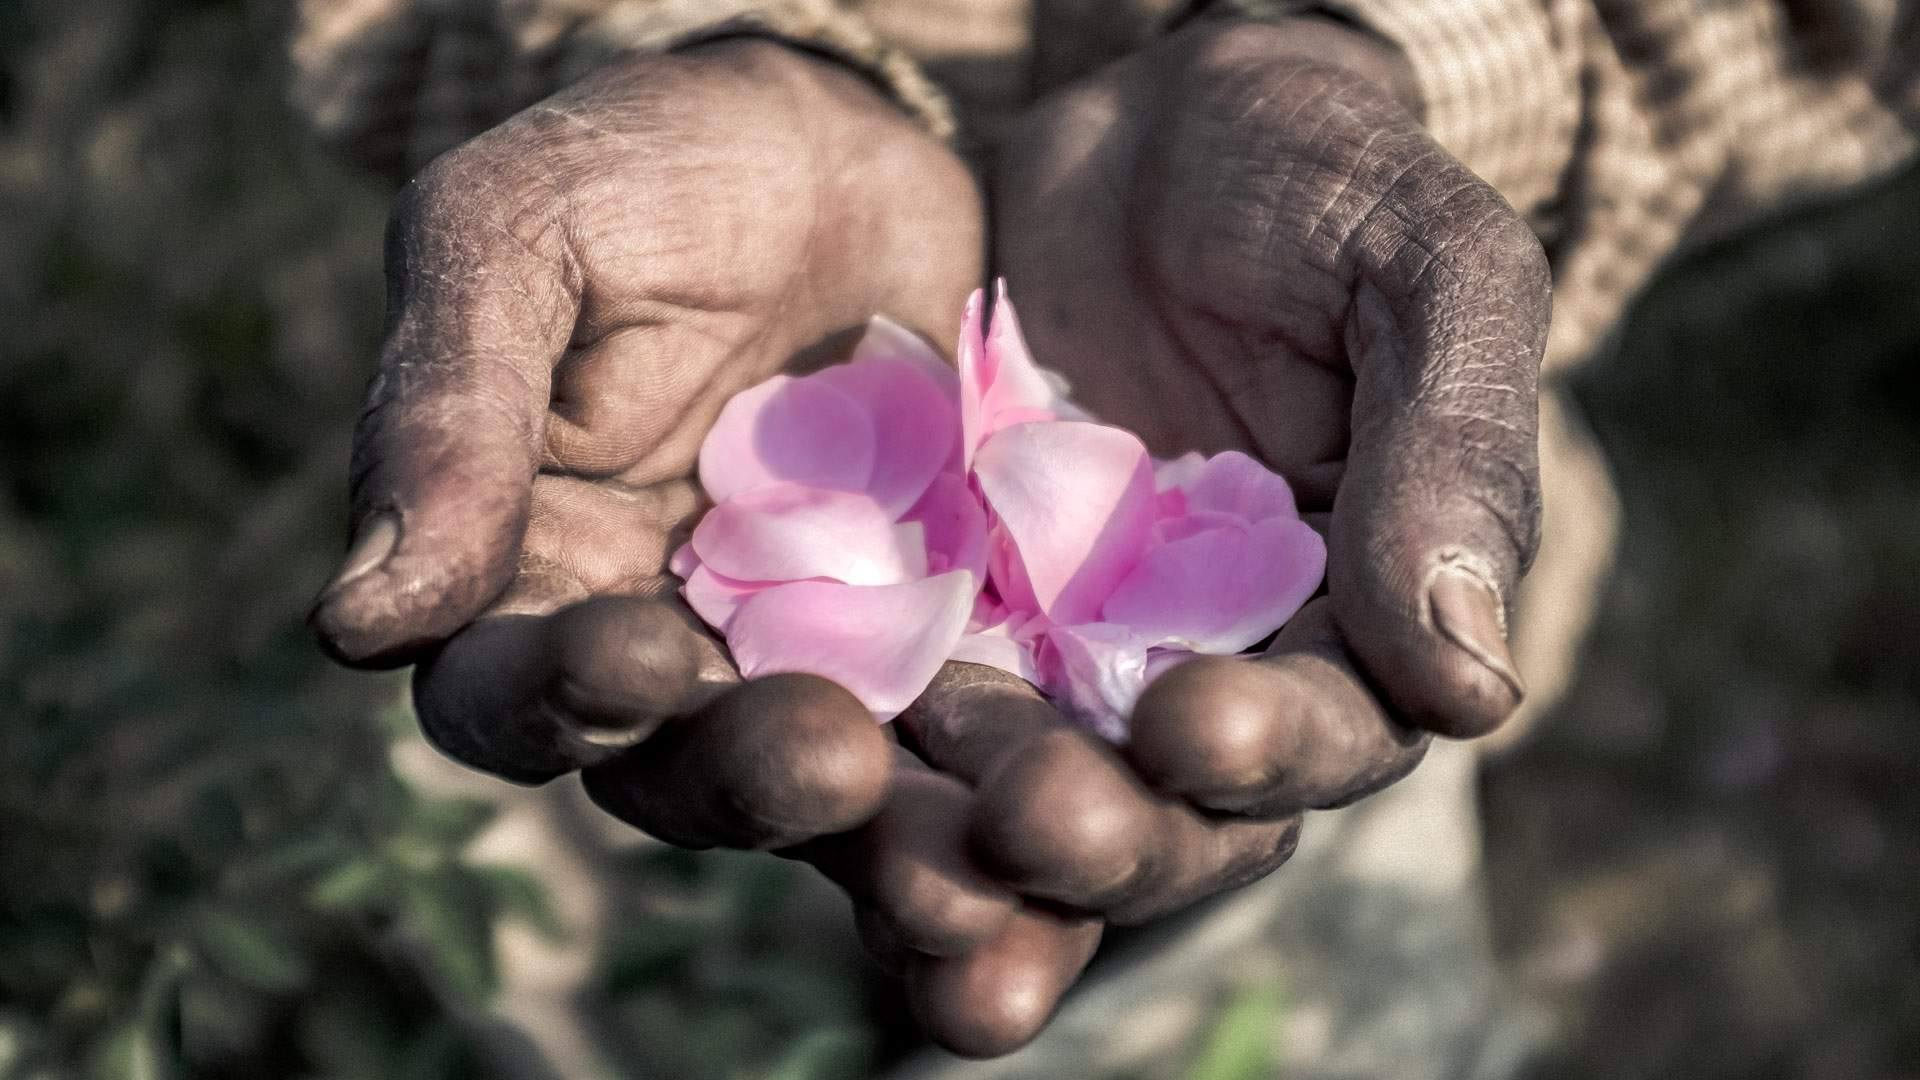 Kinh đô nước hoa của Ấn Độ, nơi cất giữ linh hồn của những mùi hương và cuộc chiến với ngành nước hoa công nghiệp - Ảnh 2.